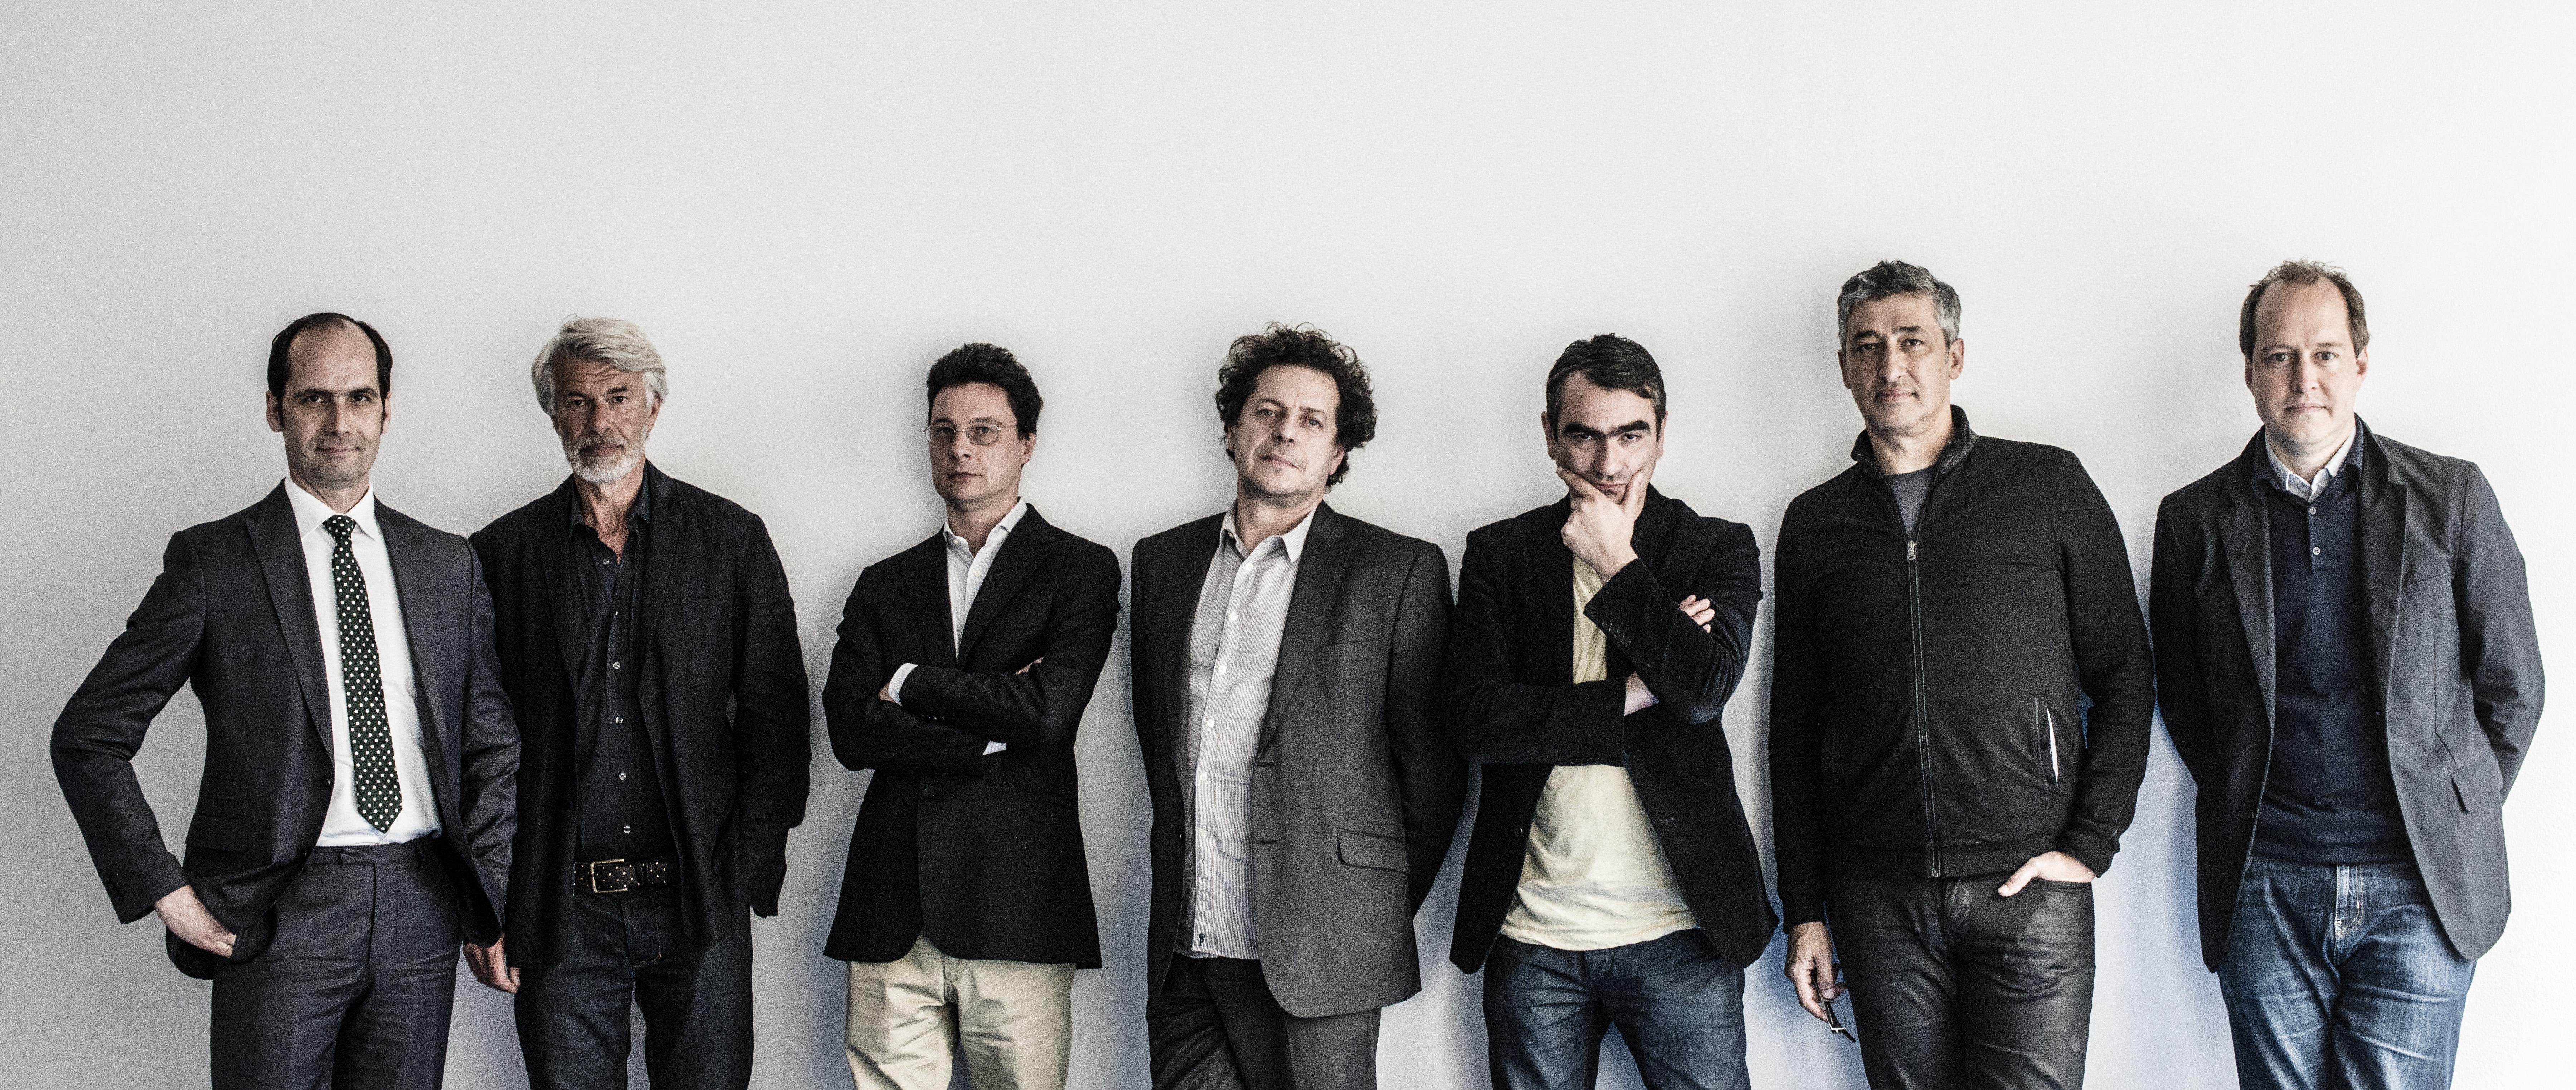 Kiesler-Preis-Jury 2014 (von links nach rechts): (Peter Bogner), Chris Dercon, Mario Codognato, Juan Herreros, Nicolaus Schafhausen, (Hani Rashid), Jasper Sharp - Foto: Sabine Hauswirth